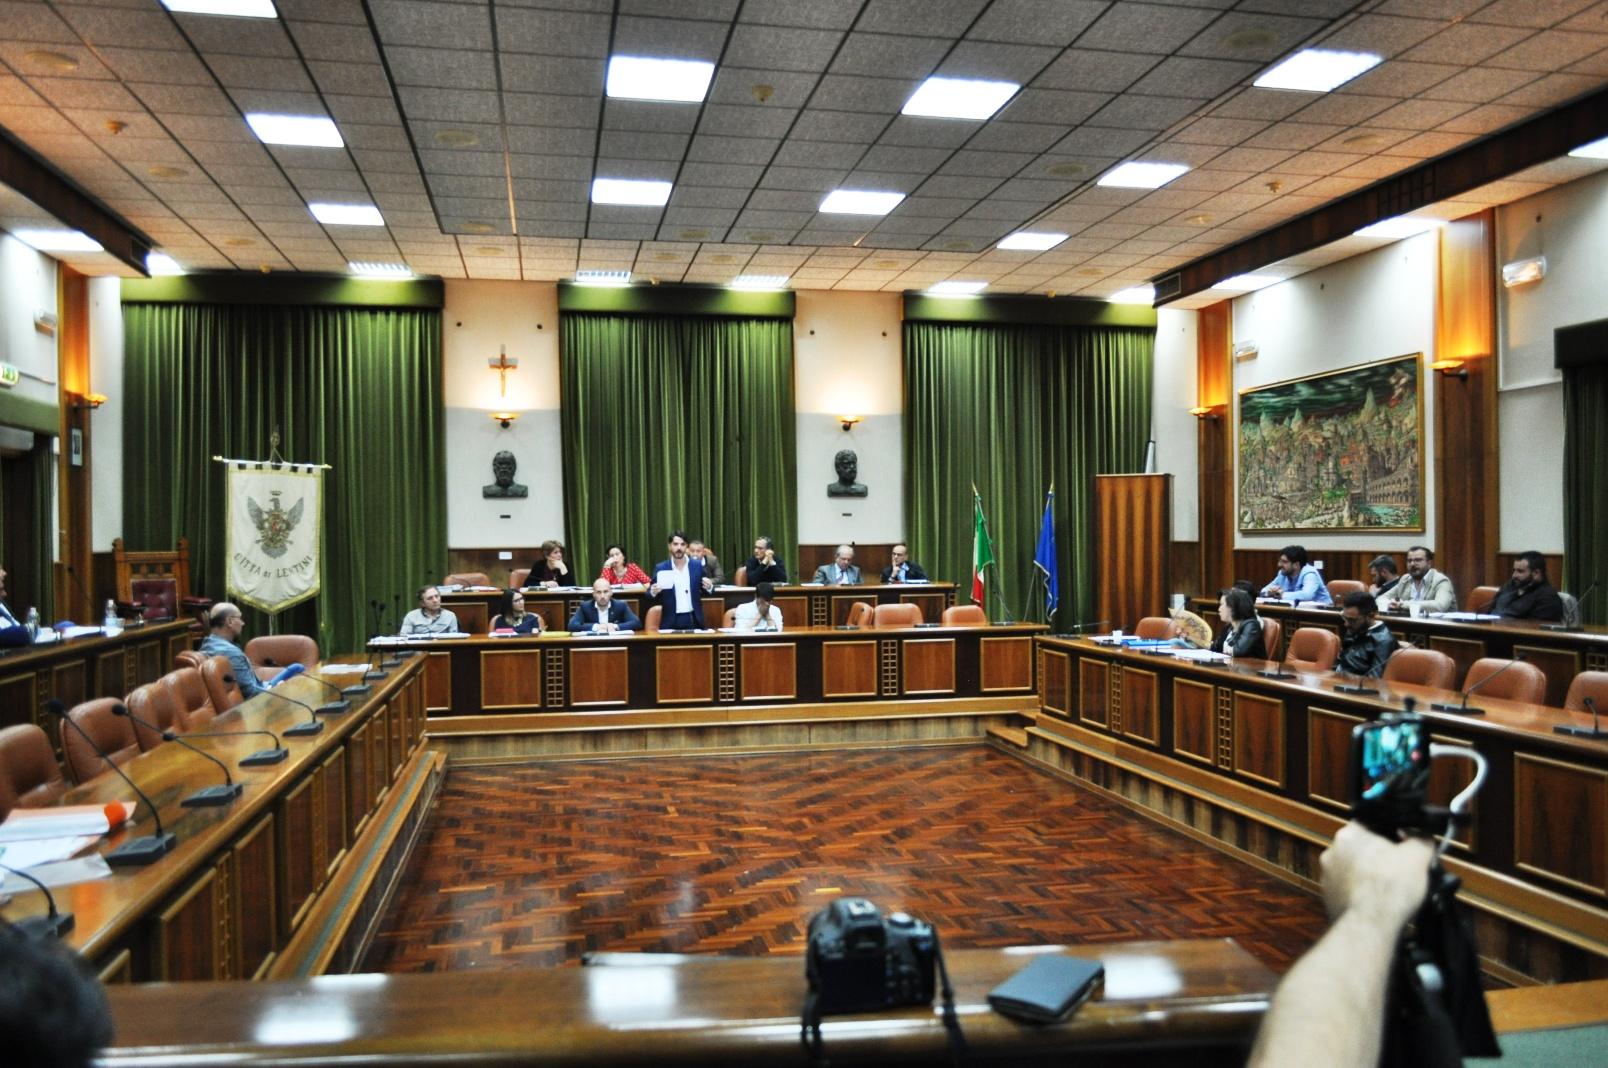 consiglio comunale lentinese